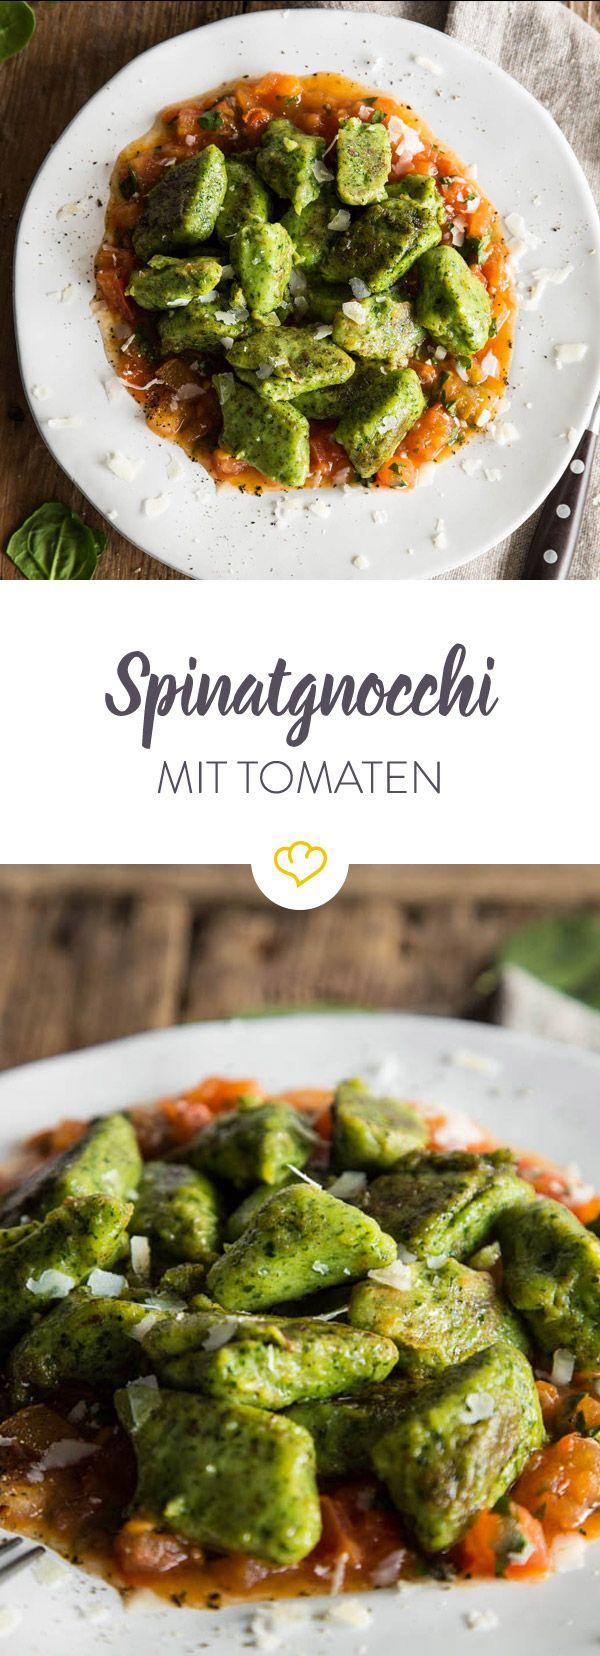 Ab heute gibt es Gnocchi in Grün: Zur klassischen Basis aus Kartoffeln, Mehl und Ei kommt frischer Spinat und sorgt so für einen Farbtupfer auf dem Teller.